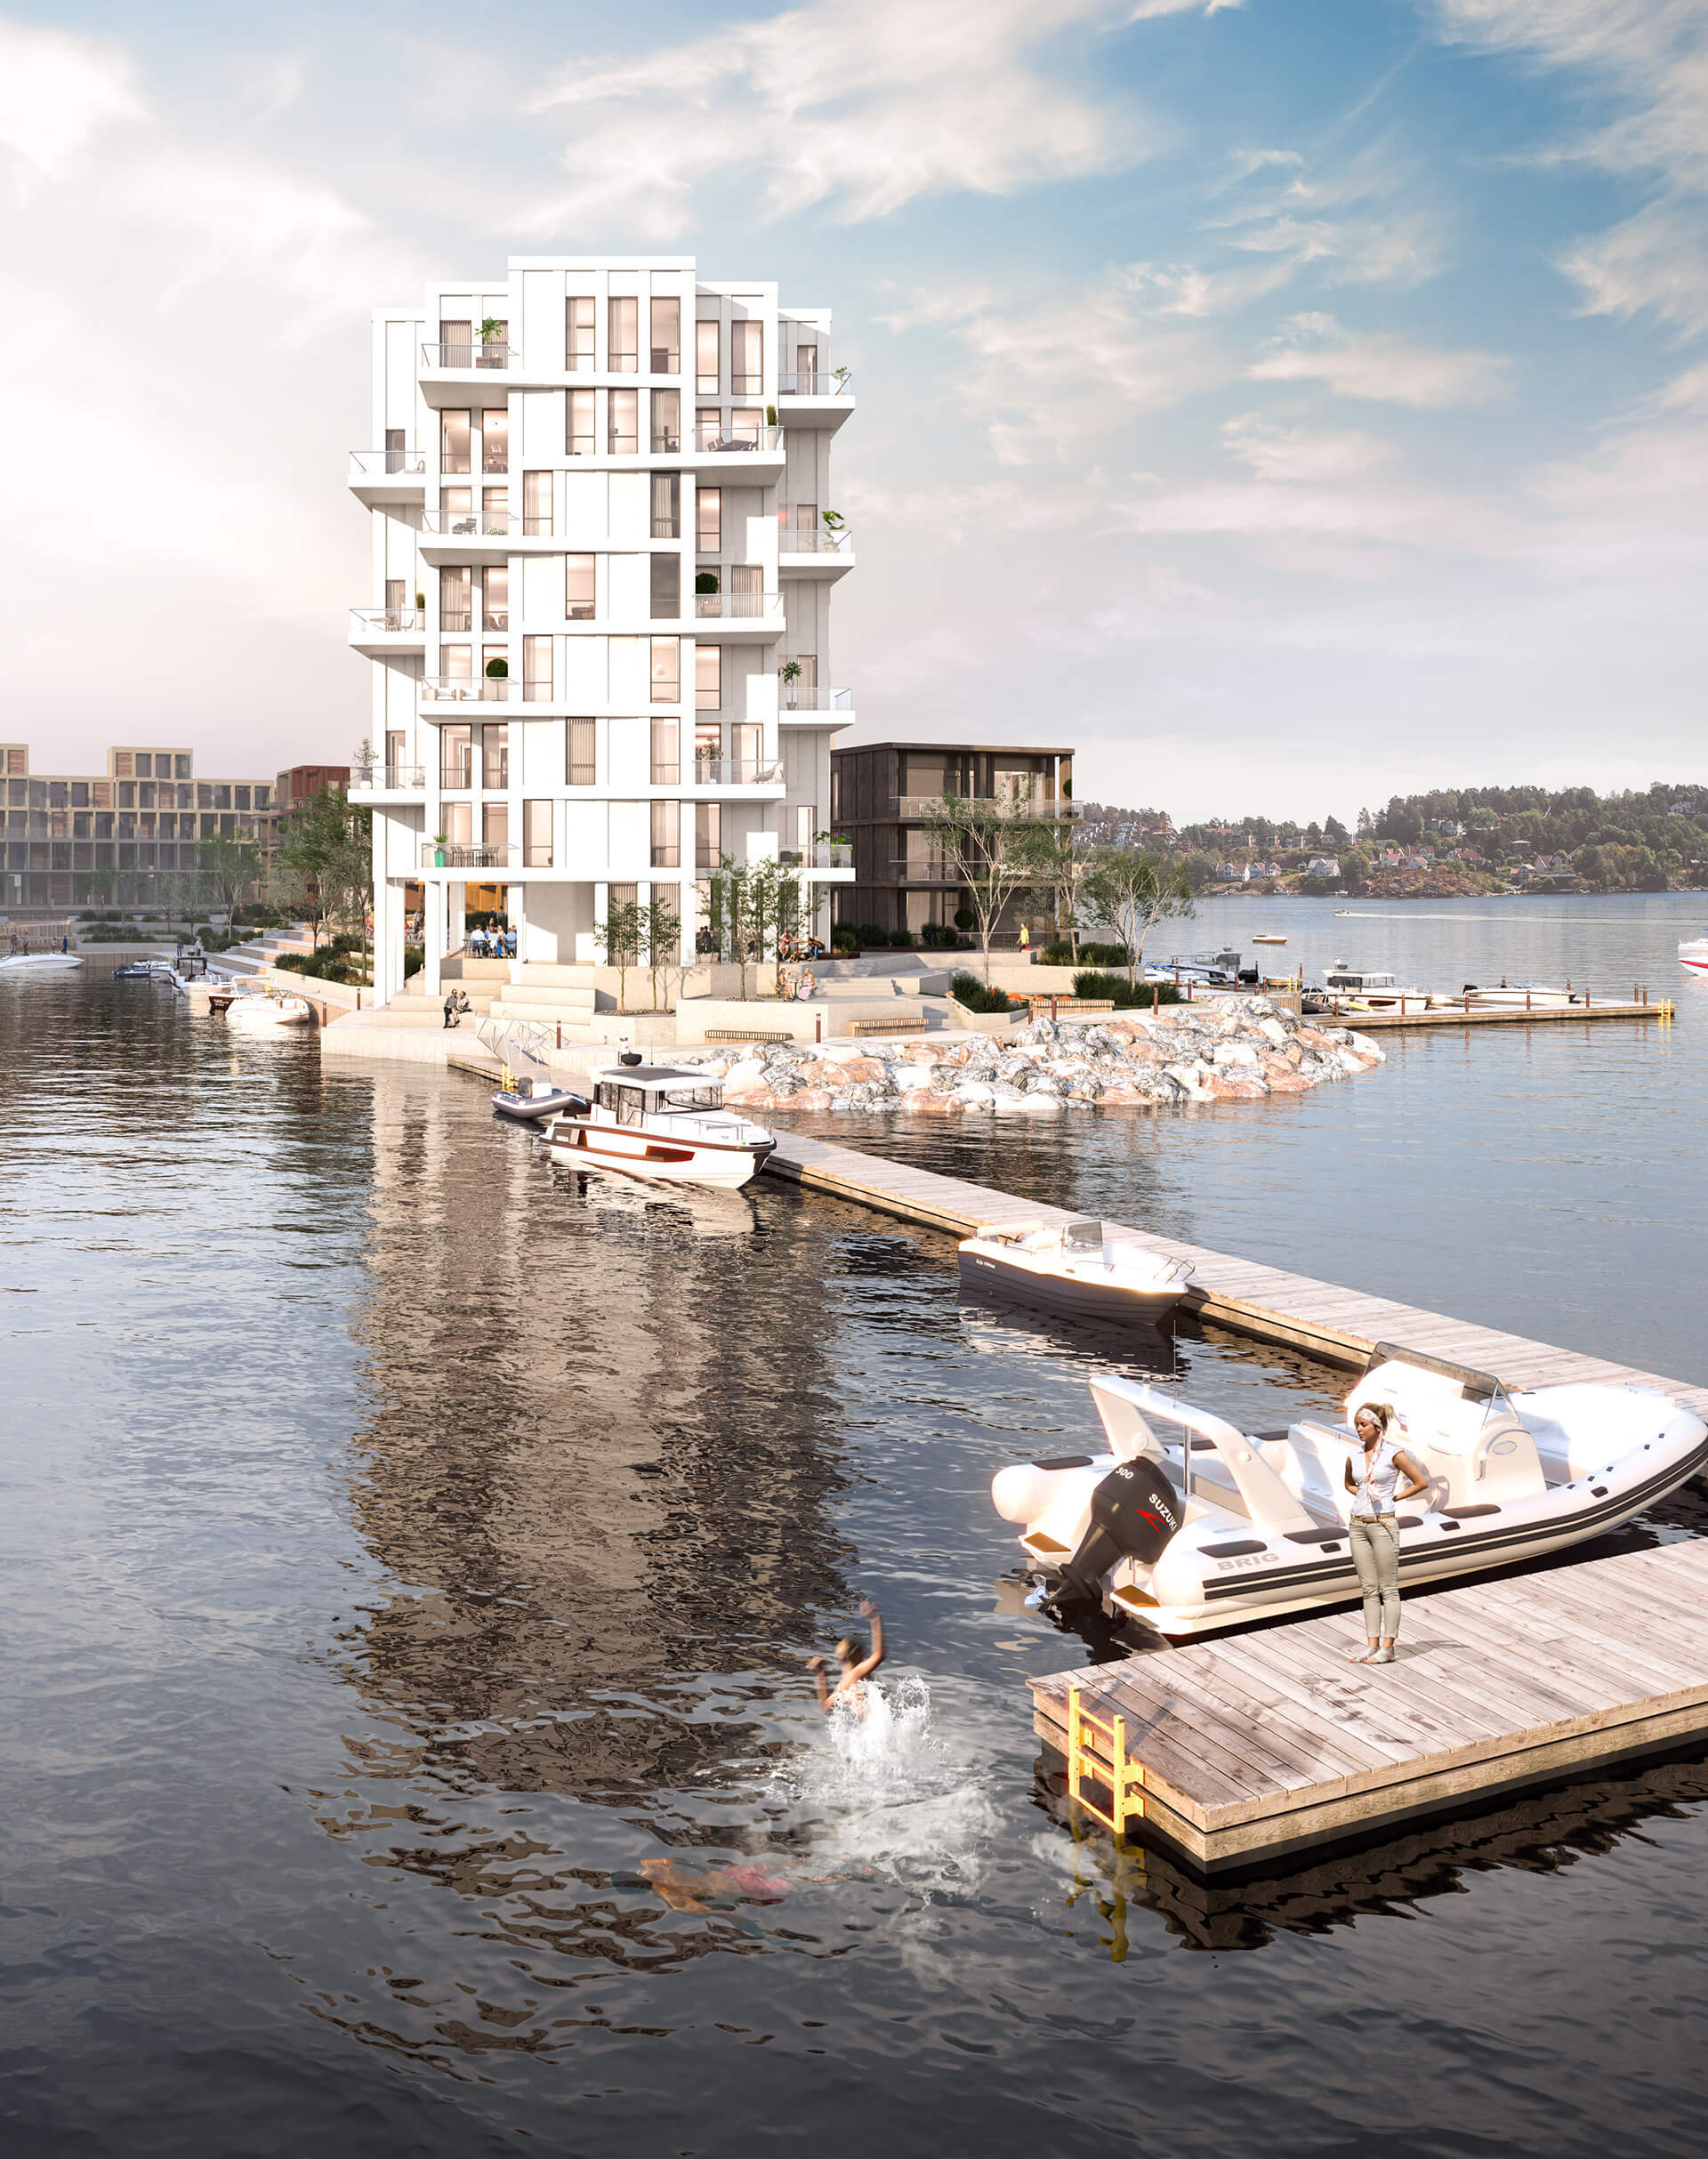 Bygg A ligger praktfullt til, med panoramautsikt over Tromøysund. (Illustrasjonsbilde. Endringer kan forekomme.)